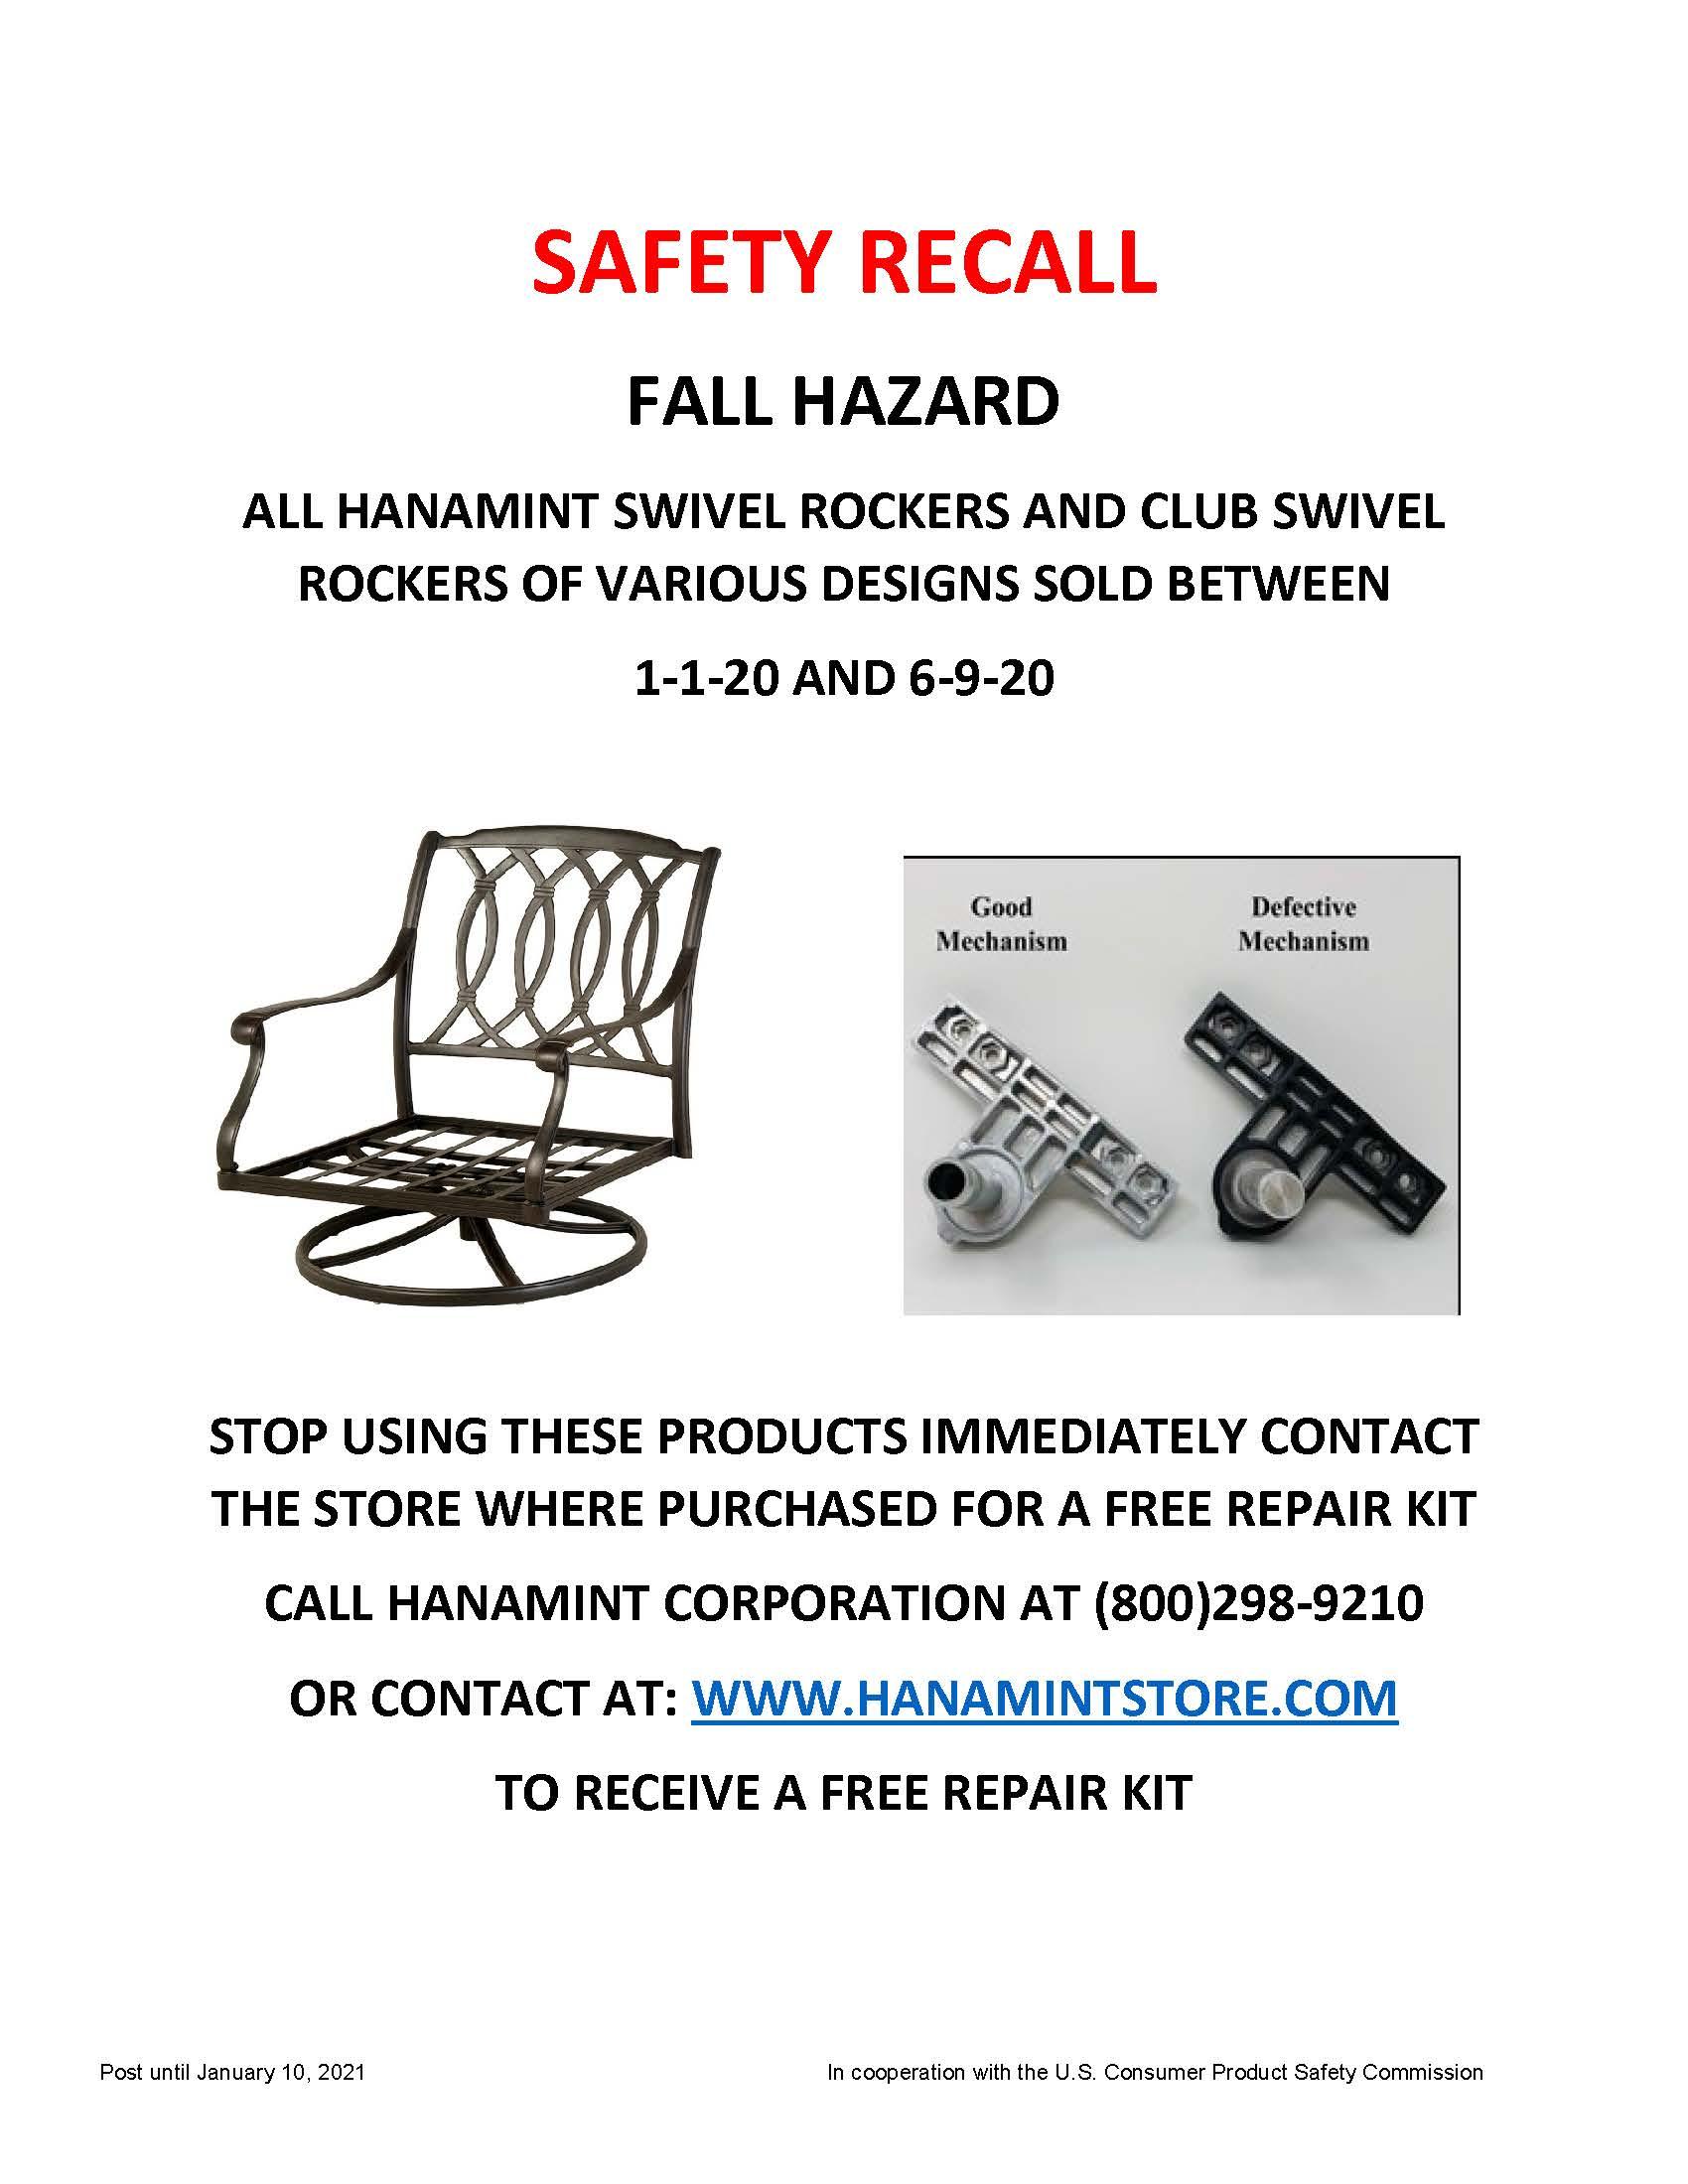 hanamint-safety-recall-poster-v3.jpg